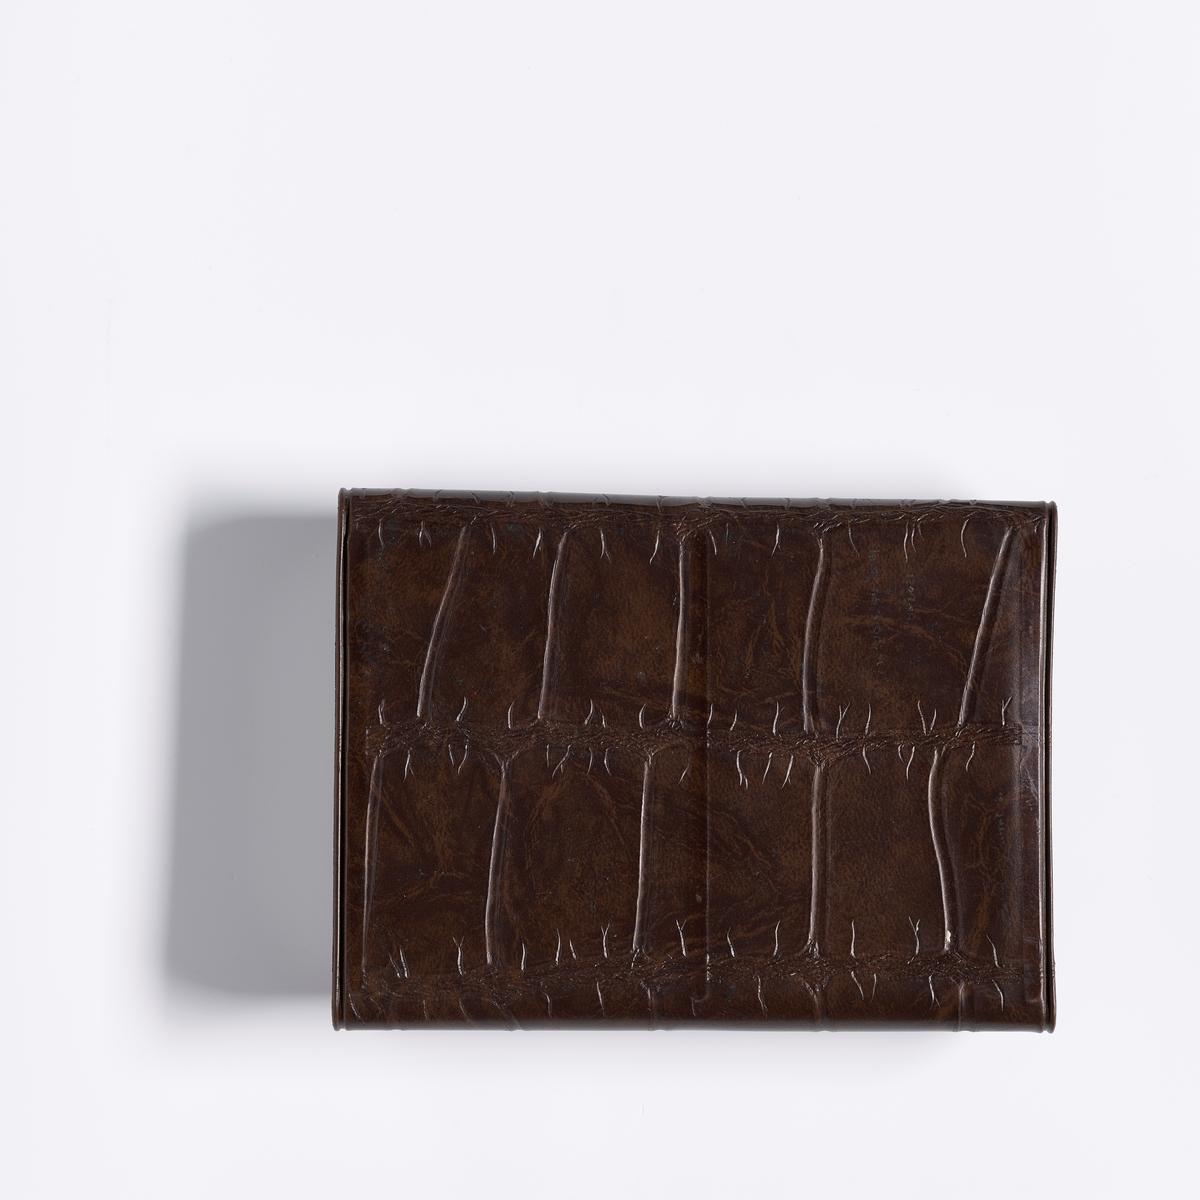 Et brunt etui i imitert skinn (krokodillle). På fronten sitter en trykknapp. Inn i etuet er det to holdere til kort.  To kortstokk i et etui av imitert skinn.